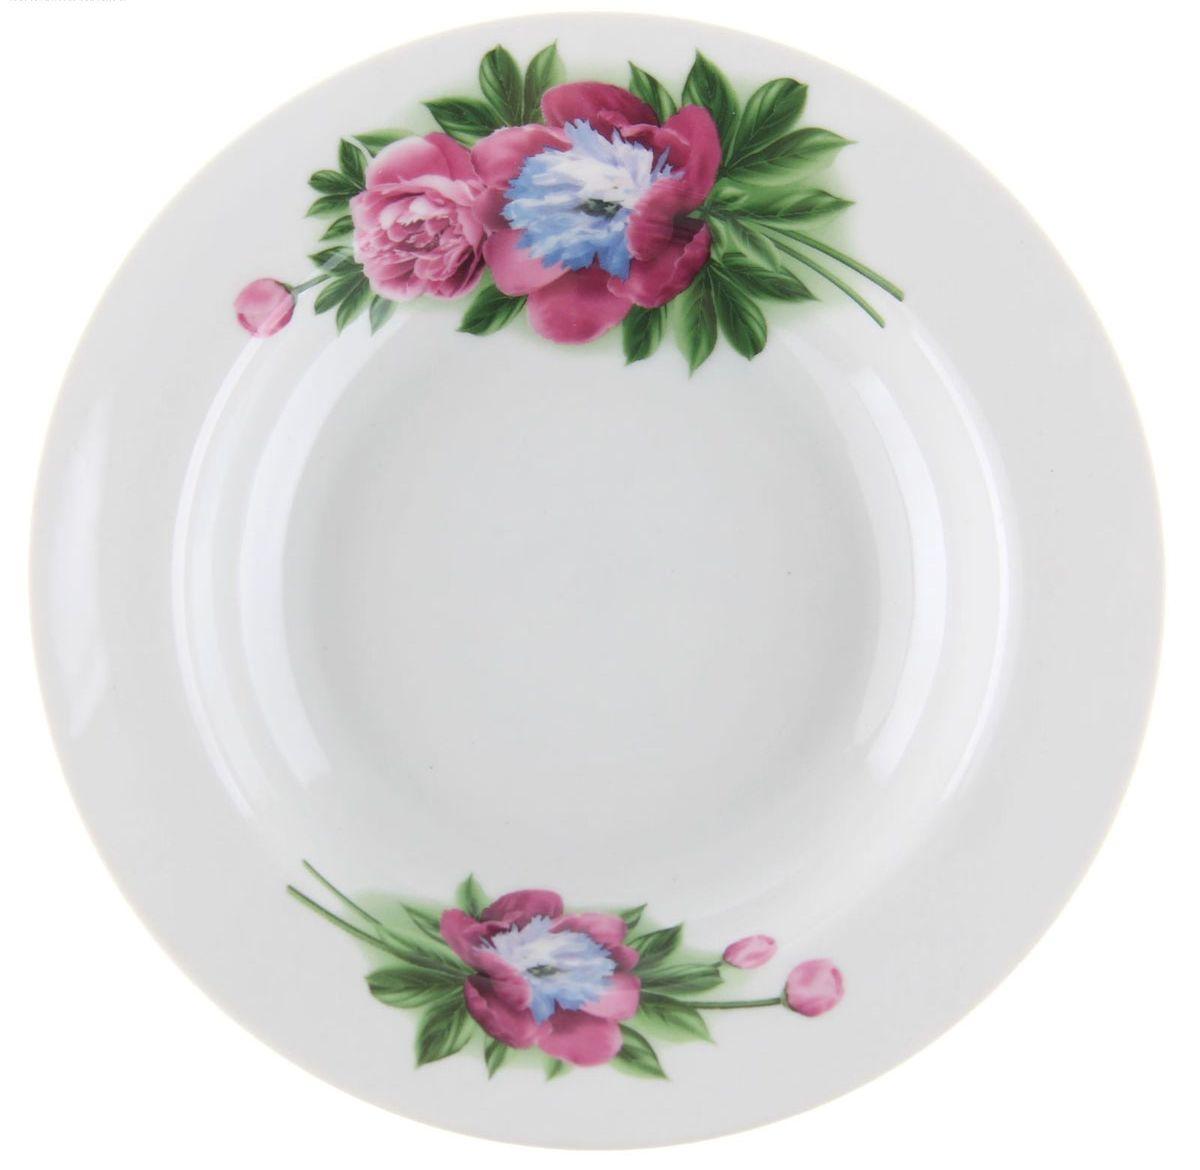 """Глубокая тарелка """"Идиллия. Пион"""" выполнена из высококачественного фарфора и украшена ярким рисунком. Она  прекрасно впишется в интерьер вашей кухни и станет достойным дополнением к кухонному инвентарю.  Тарелка """"Идиллия. Пион"""" подчеркнет прекрасный вкус хозяйки и станет отличным подарком.   Диаметр тарелки: 20 см."""